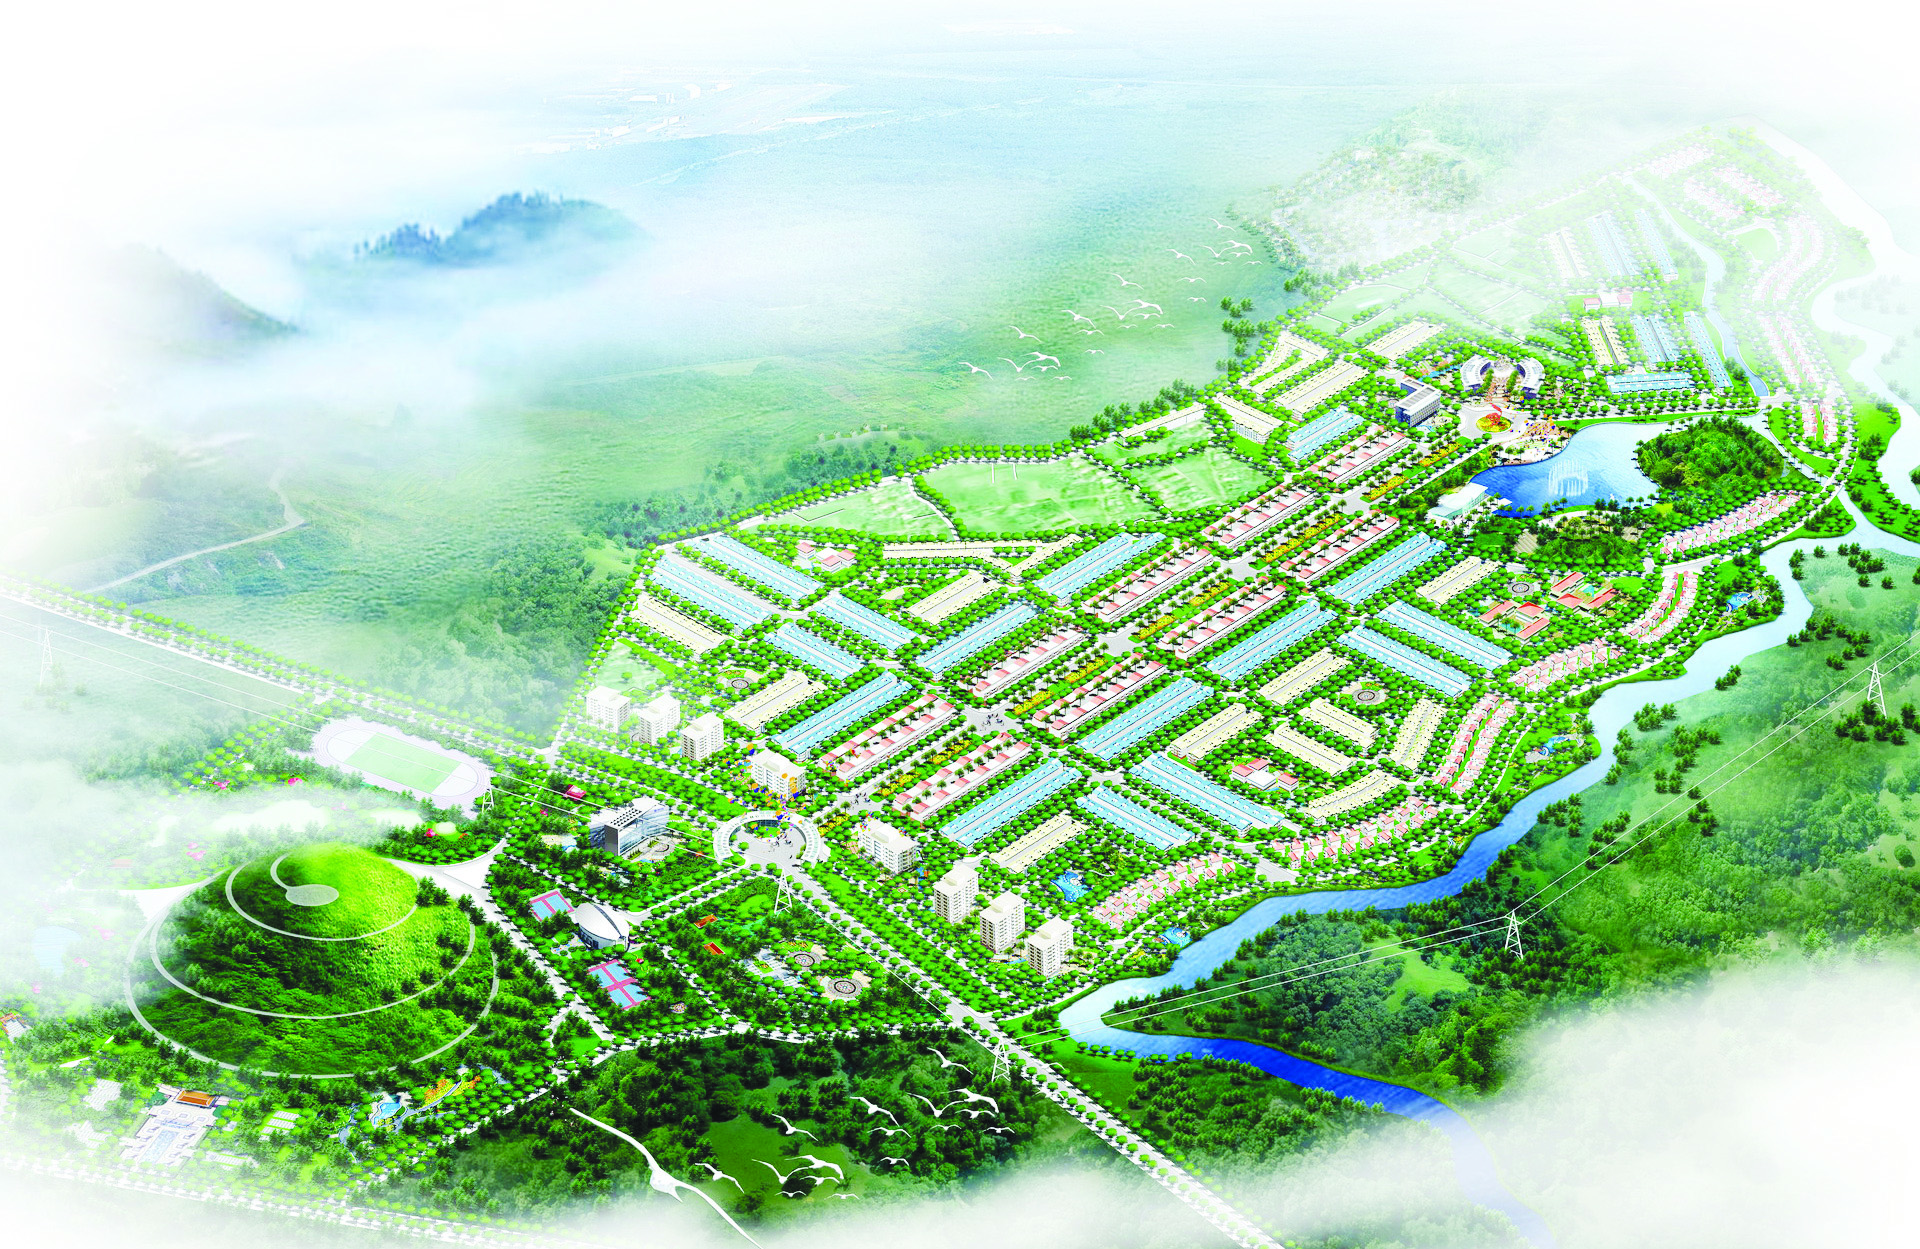 Phối cảnh tổng thể dự án khu đô thị Phú Mỹ Quảng Ngãi